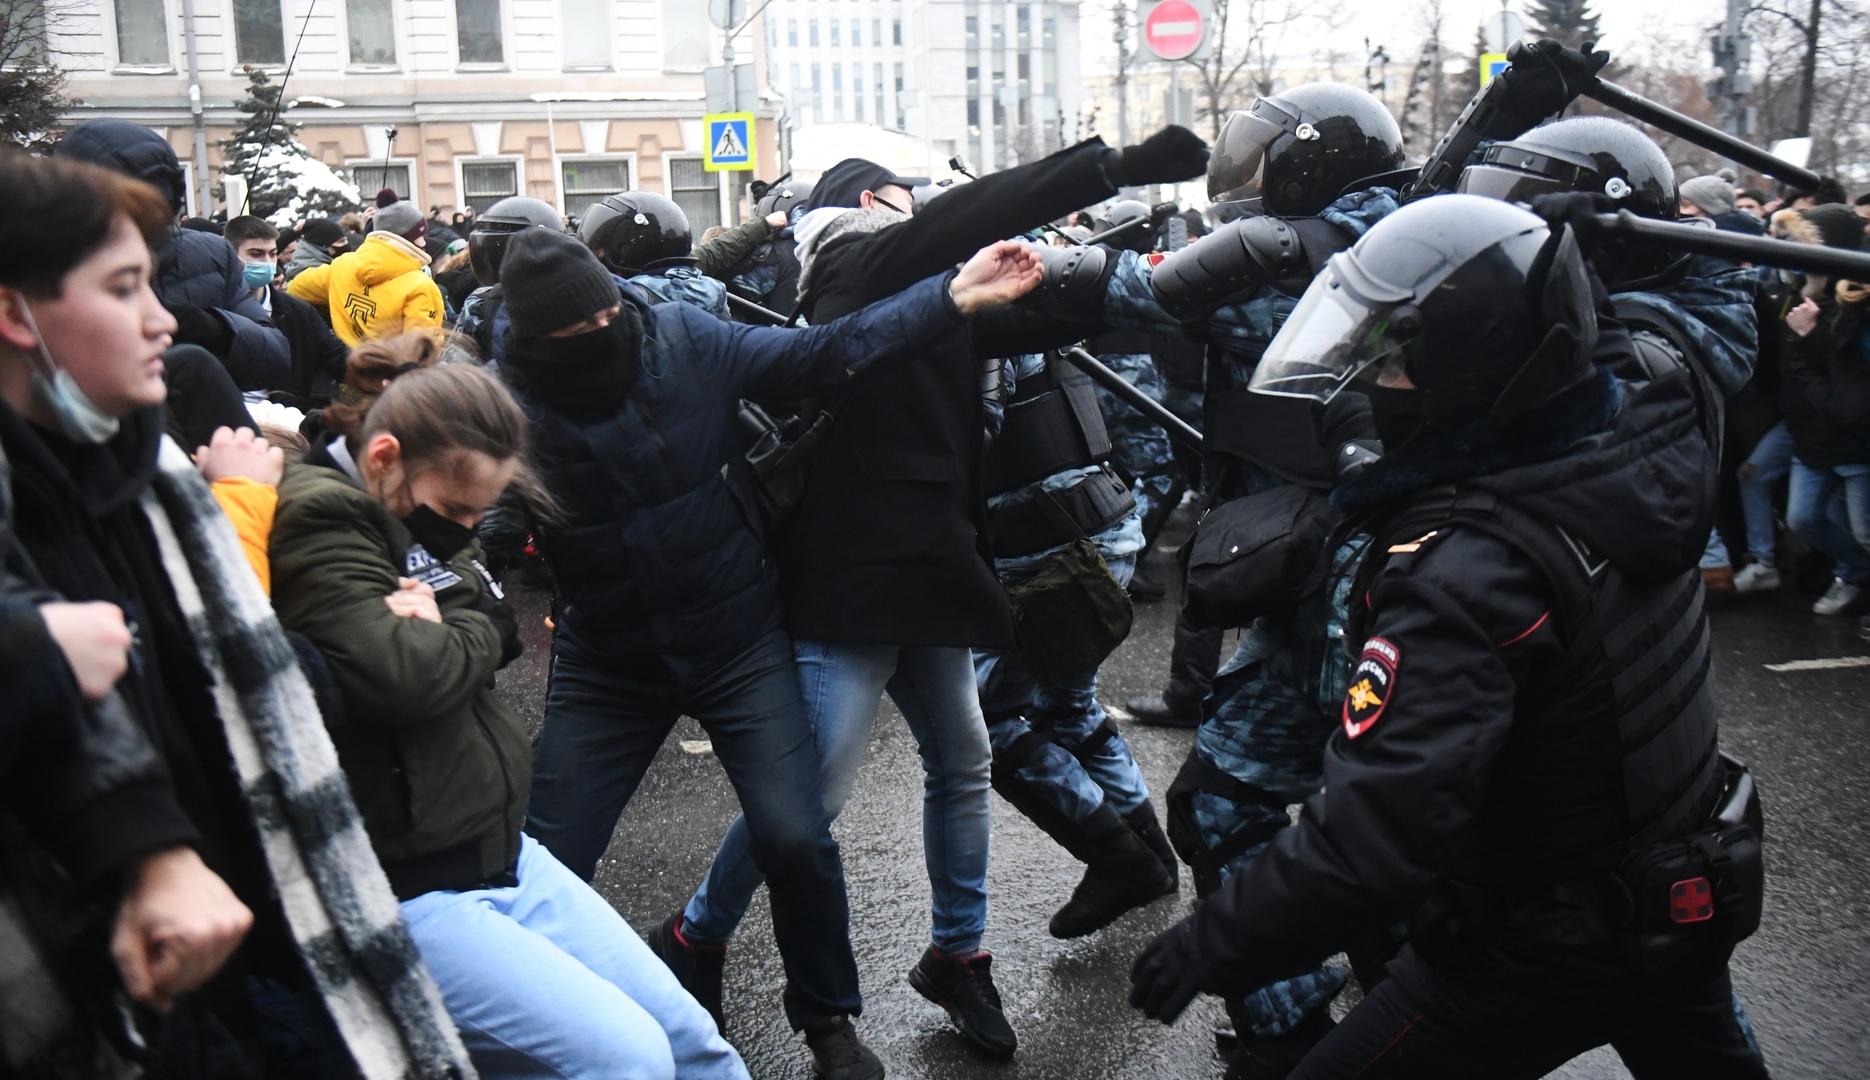 اشتباك بين عناصر الشرطة ومحتجين في موسكو في 23 يناير 2021